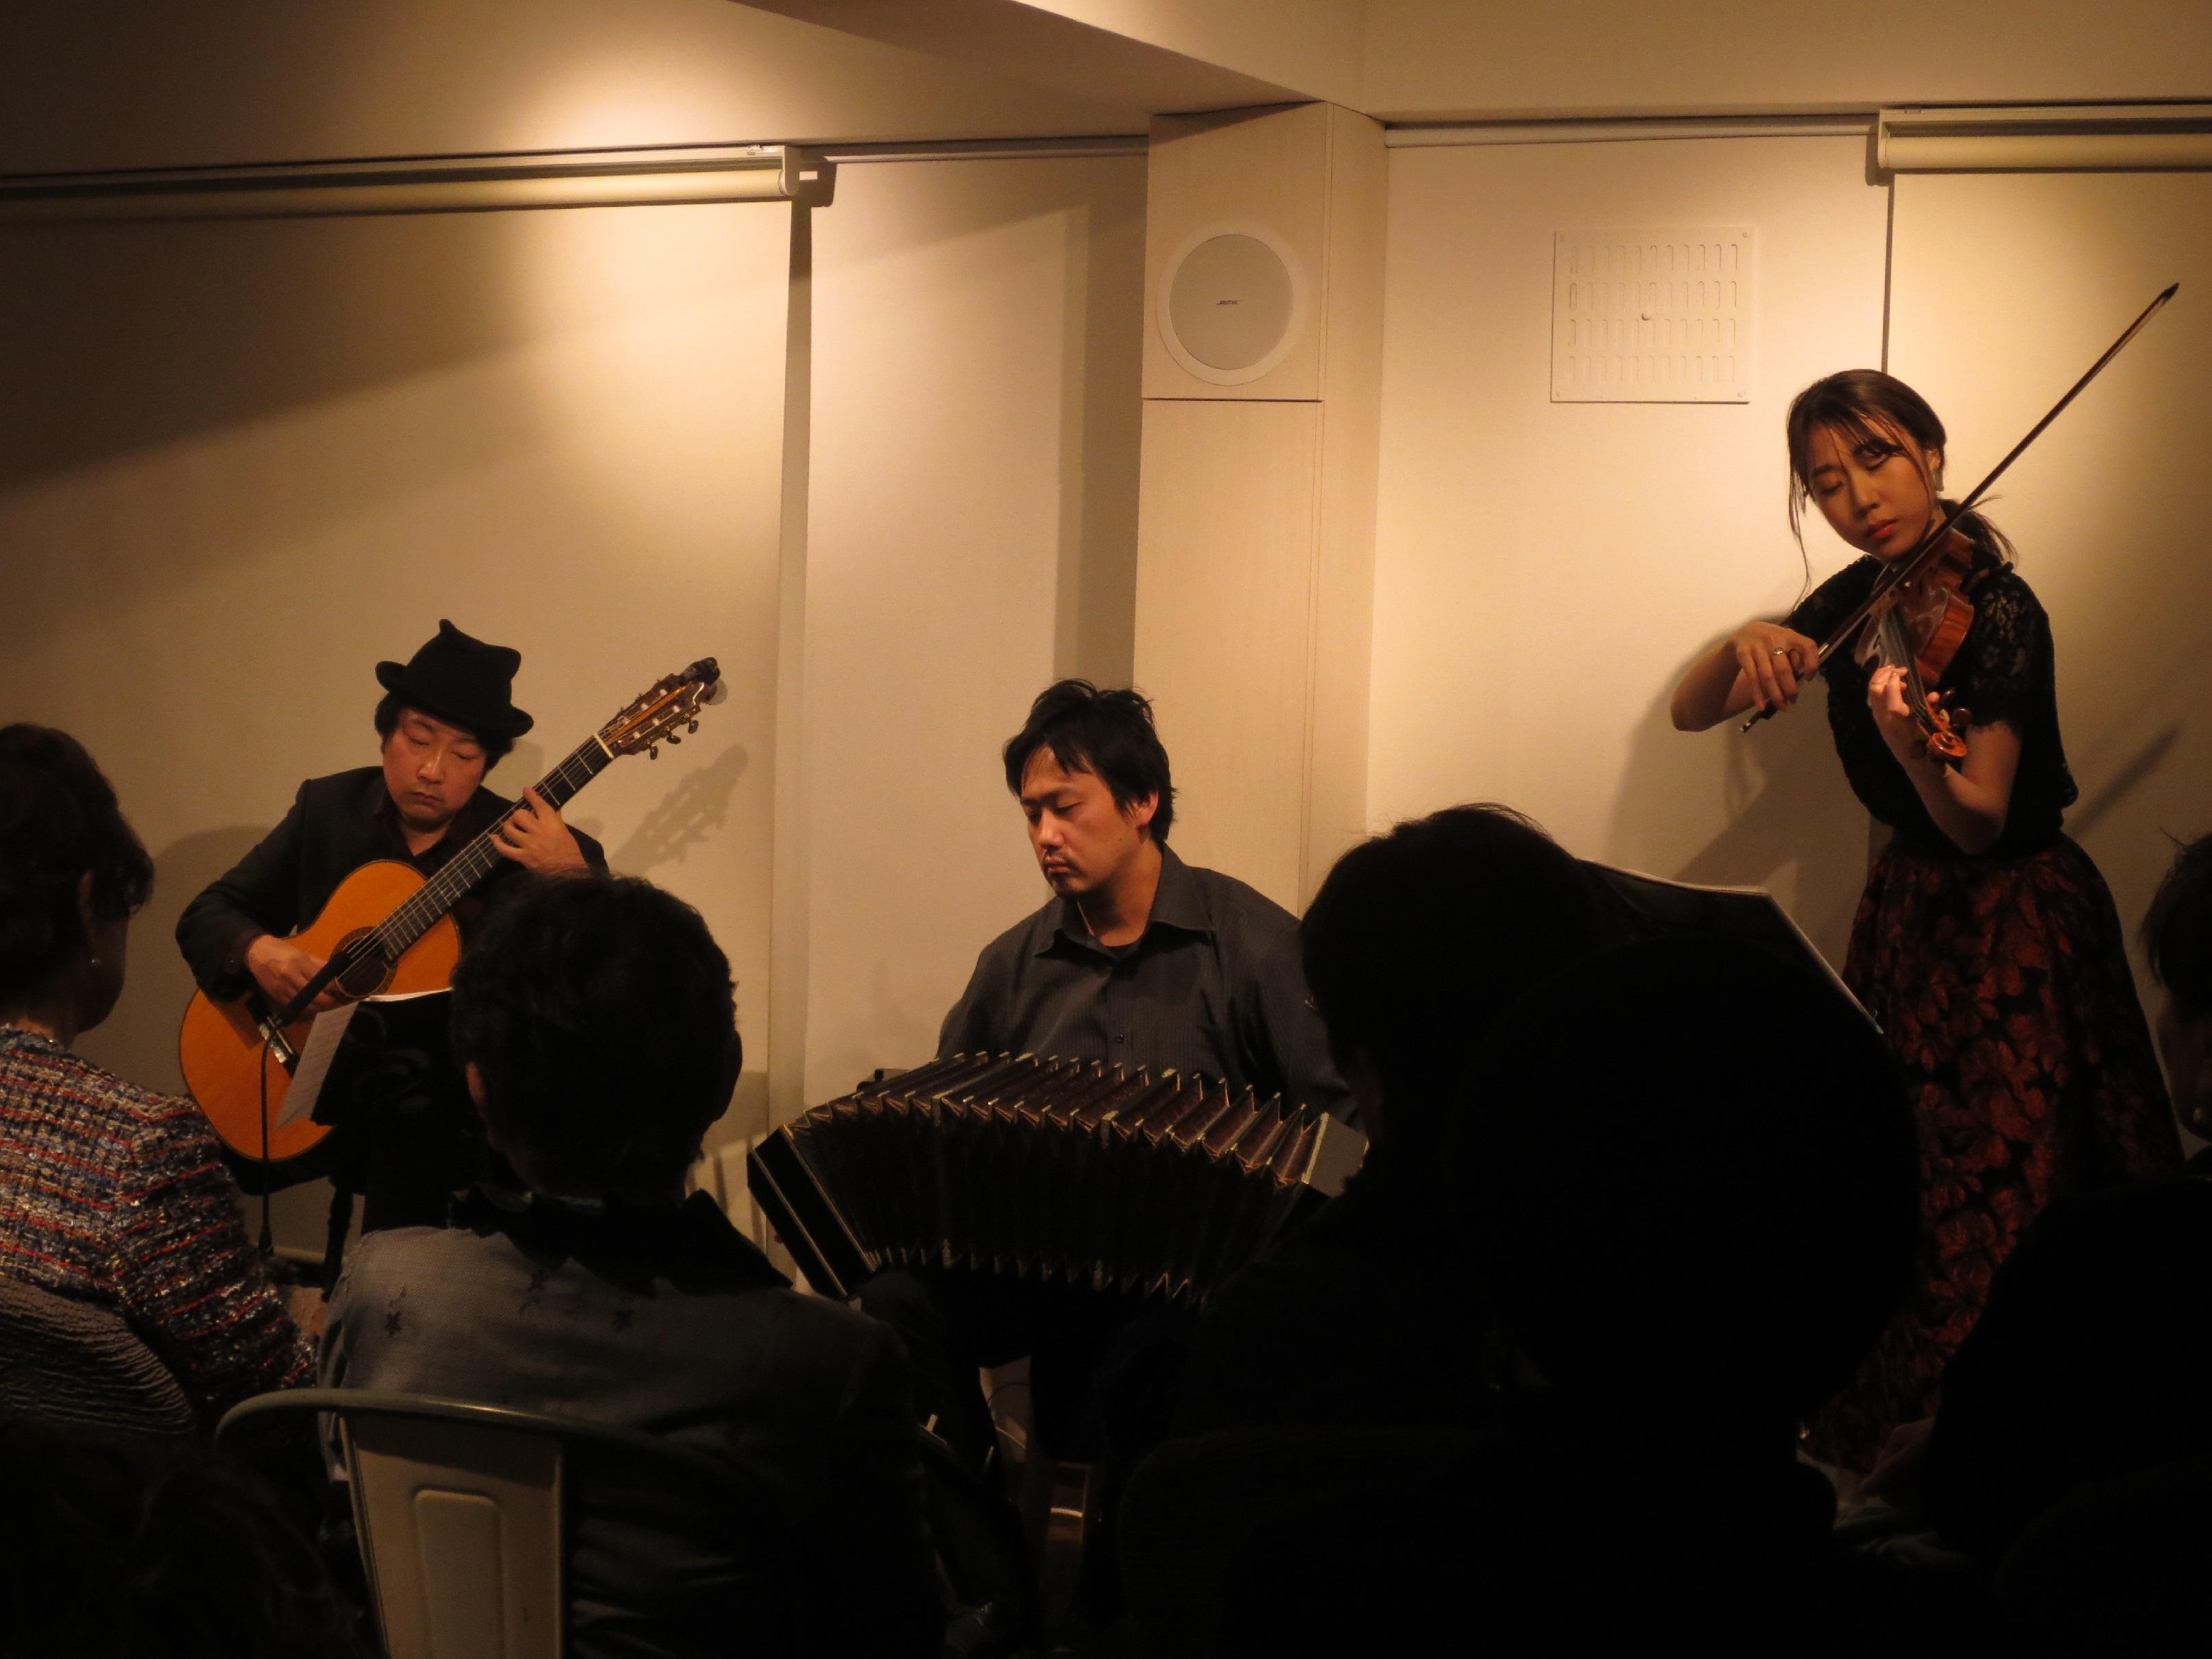 池田市グリグリ 松本尚子(バイオリン)、星野俊路(バンドネオン)、米阪隆広(ギター)